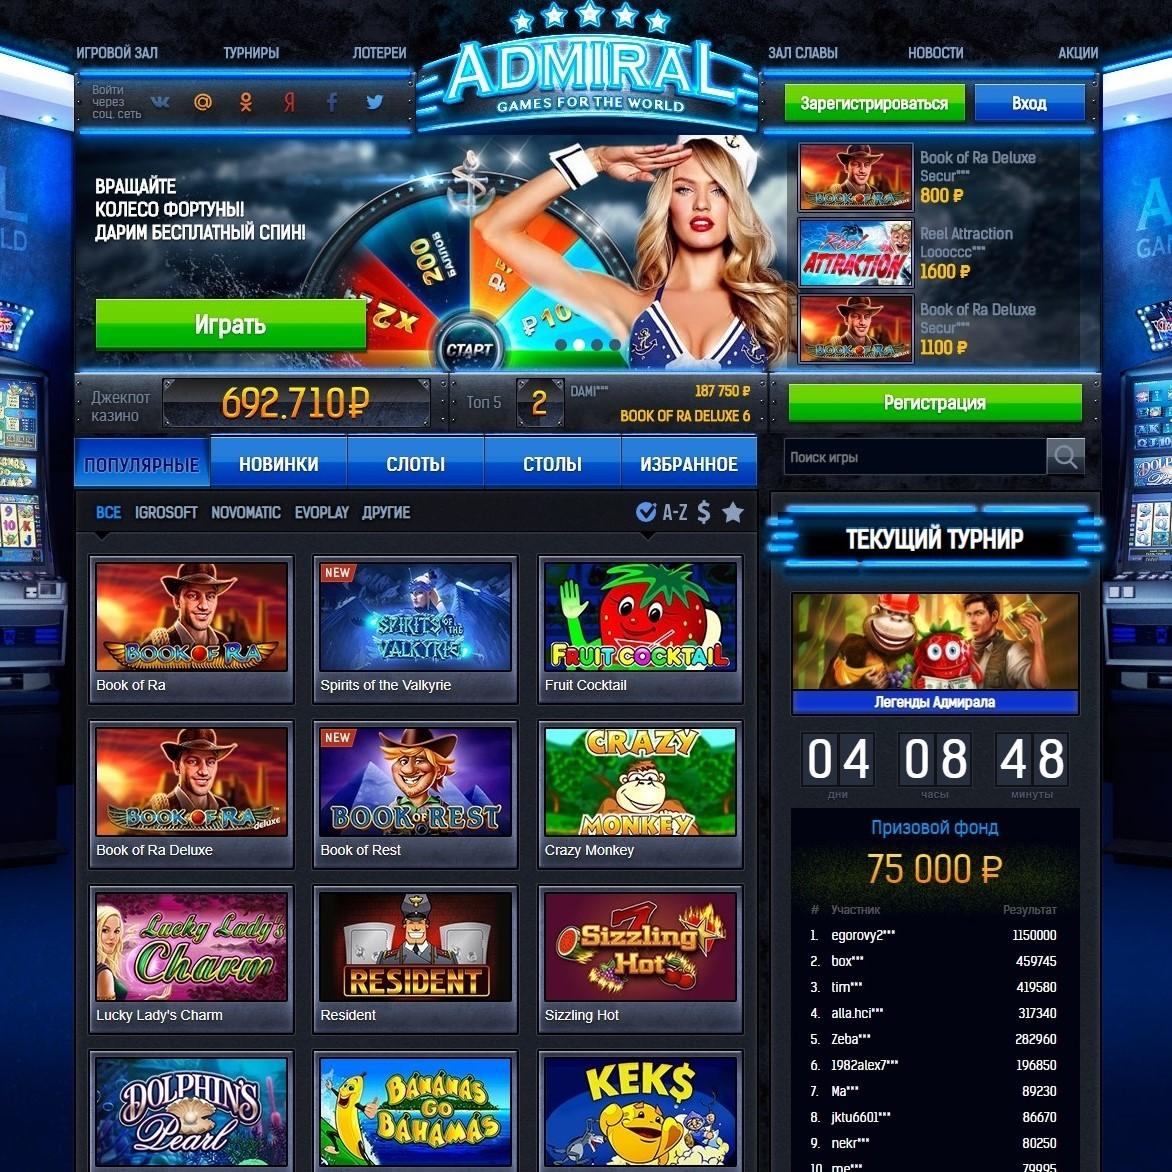 Игровые автоматы онлайн вулкан демо версия